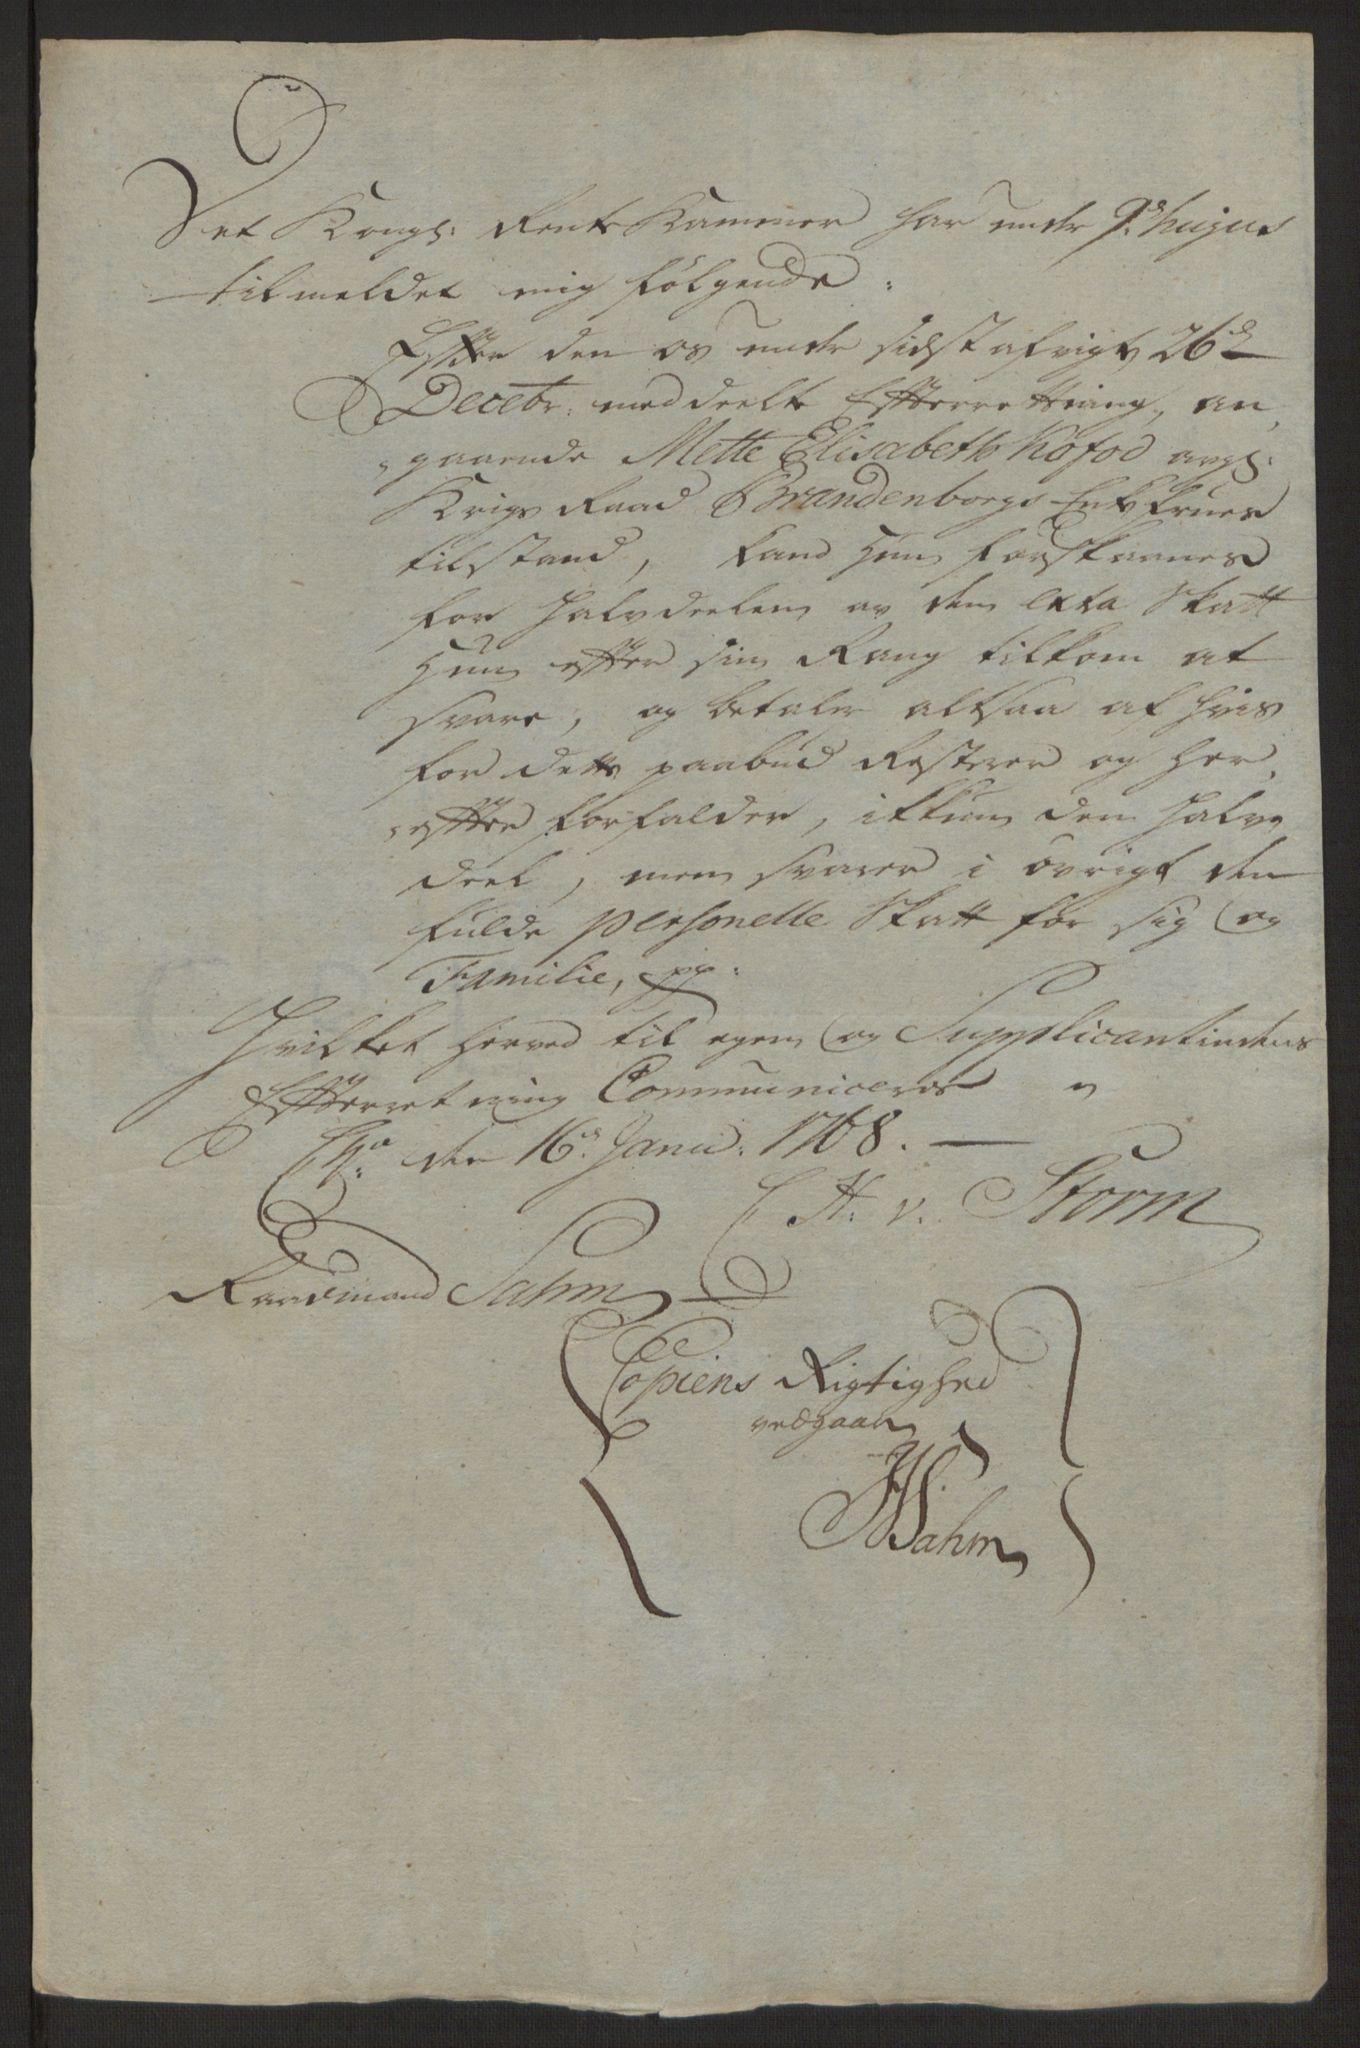 RA, Rentekammeret inntil 1814, Reviderte regnskaper, Byregnskaper, R/Rg/L0144: [G4] Kontribusjonsregnskap, 1762-1767, s. 534